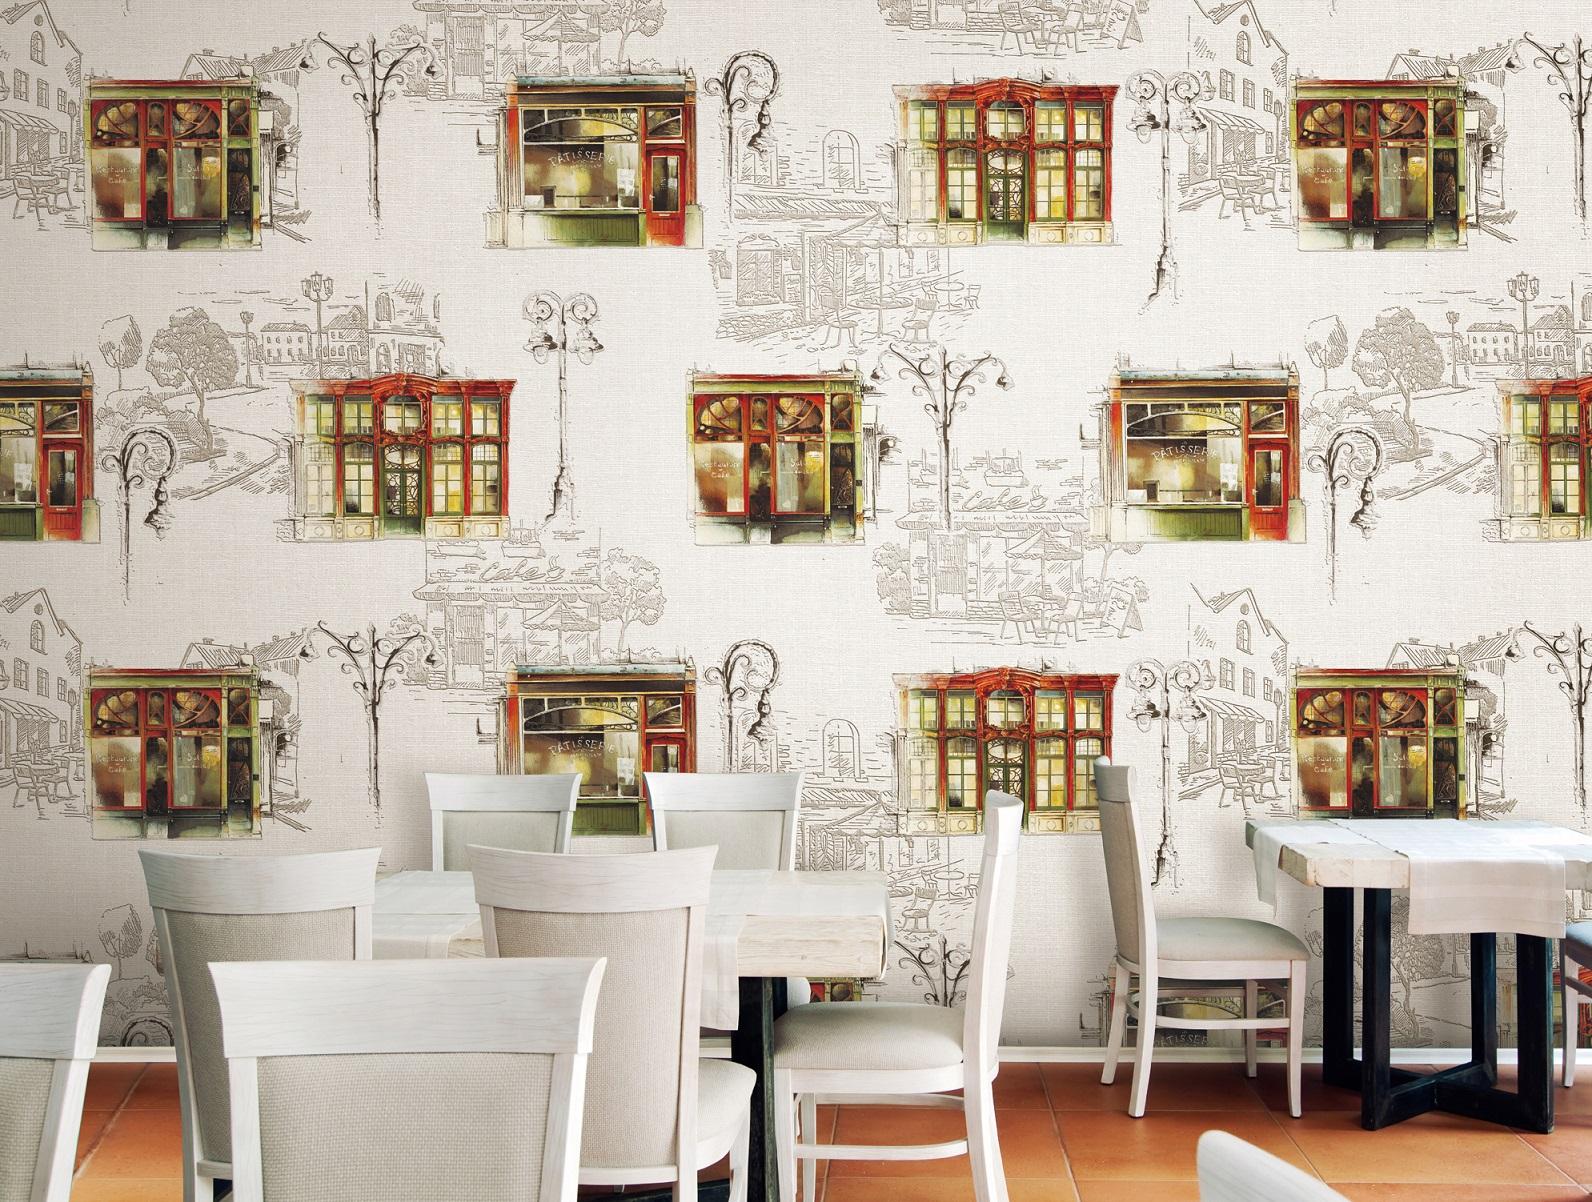 Giấy dán tường với họa tiết phố phường tĩnh lặng